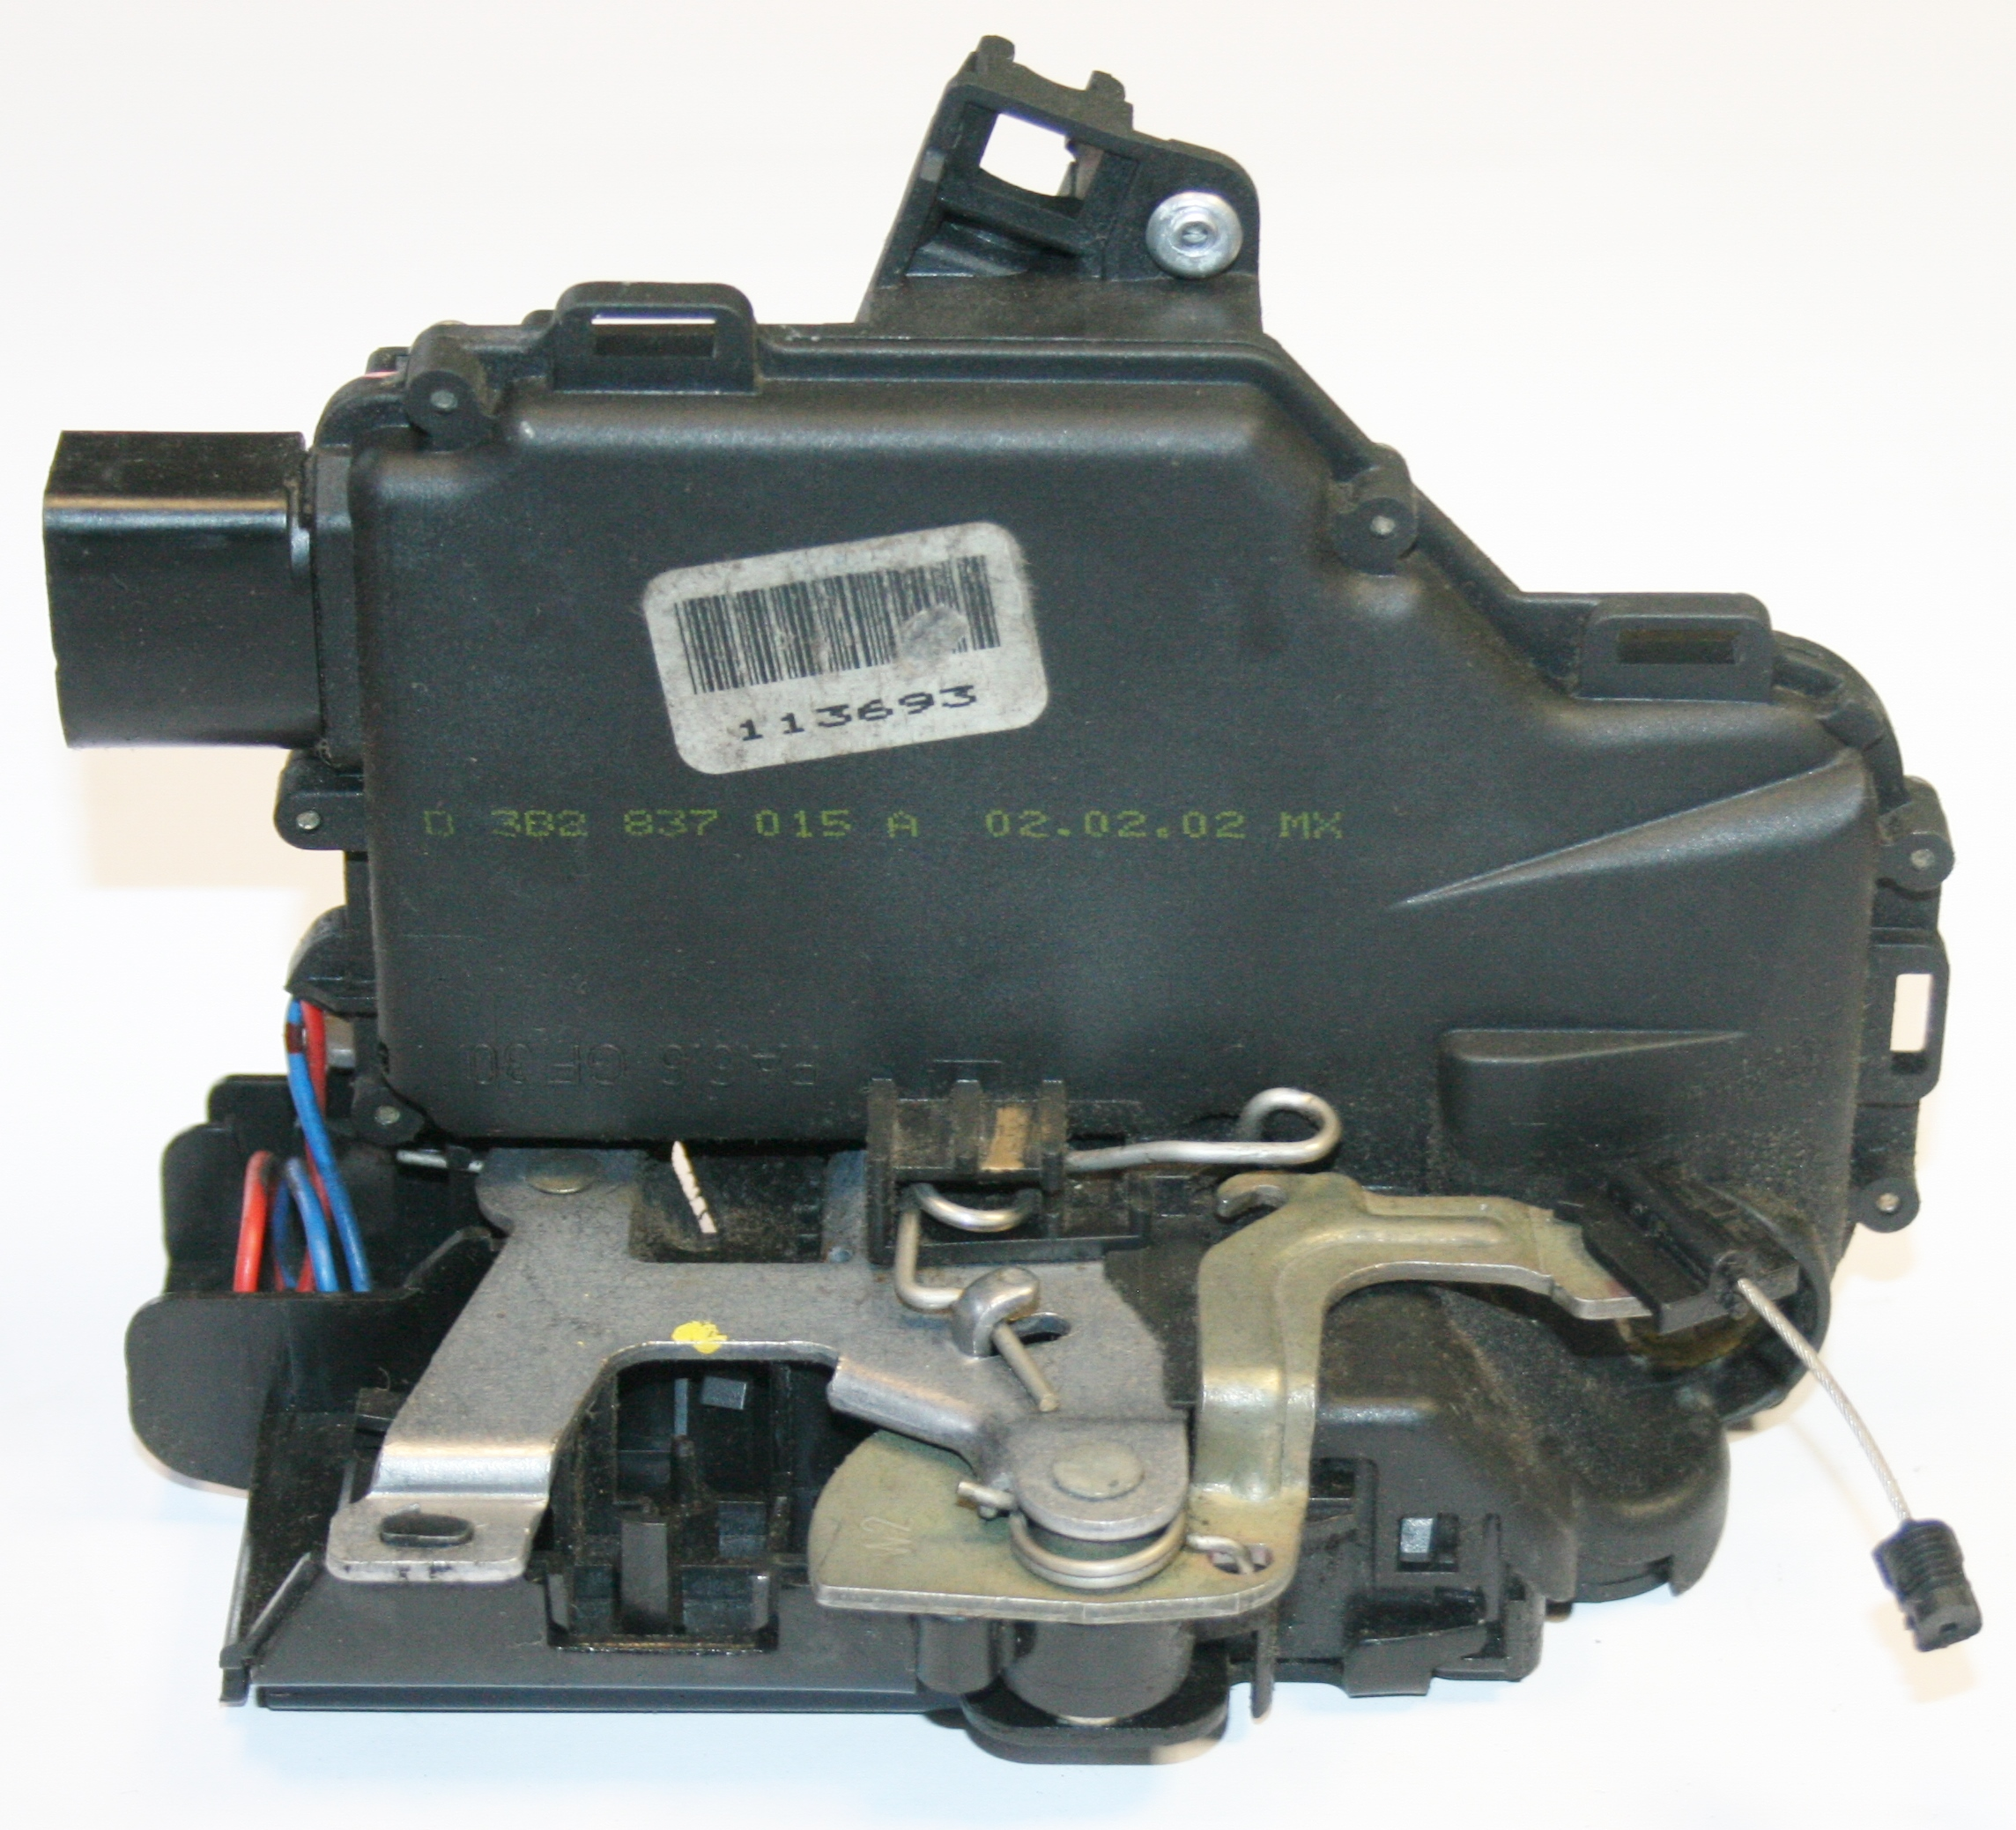 Vw Beetle Body Parts Uk: Used Genuine VW Beetle N/S/F Door Catch Black Type